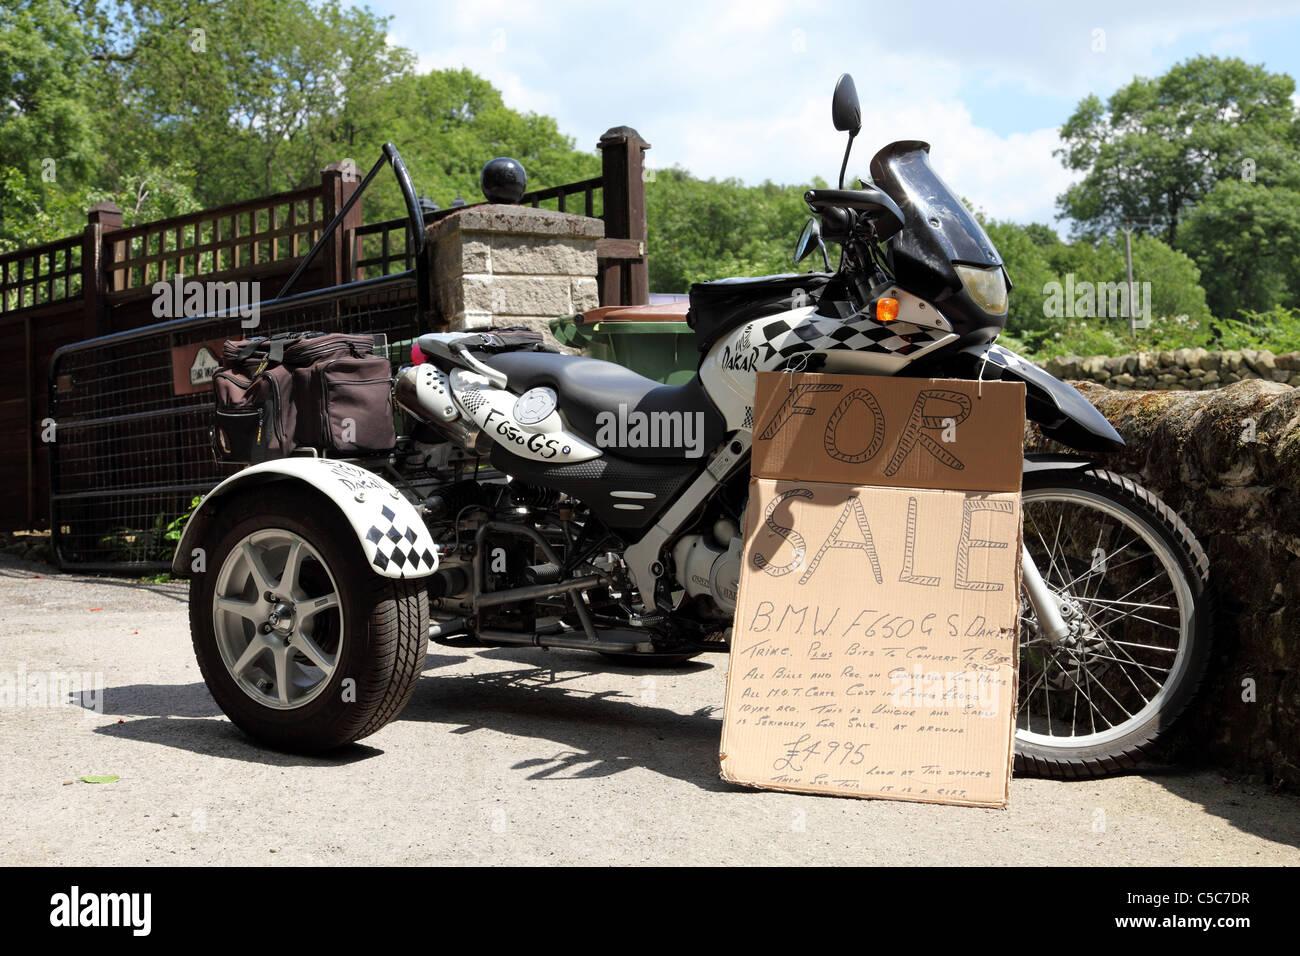 A Bmw F650gs Dakar Trike For Sale In The U K Stock Photo 37763315